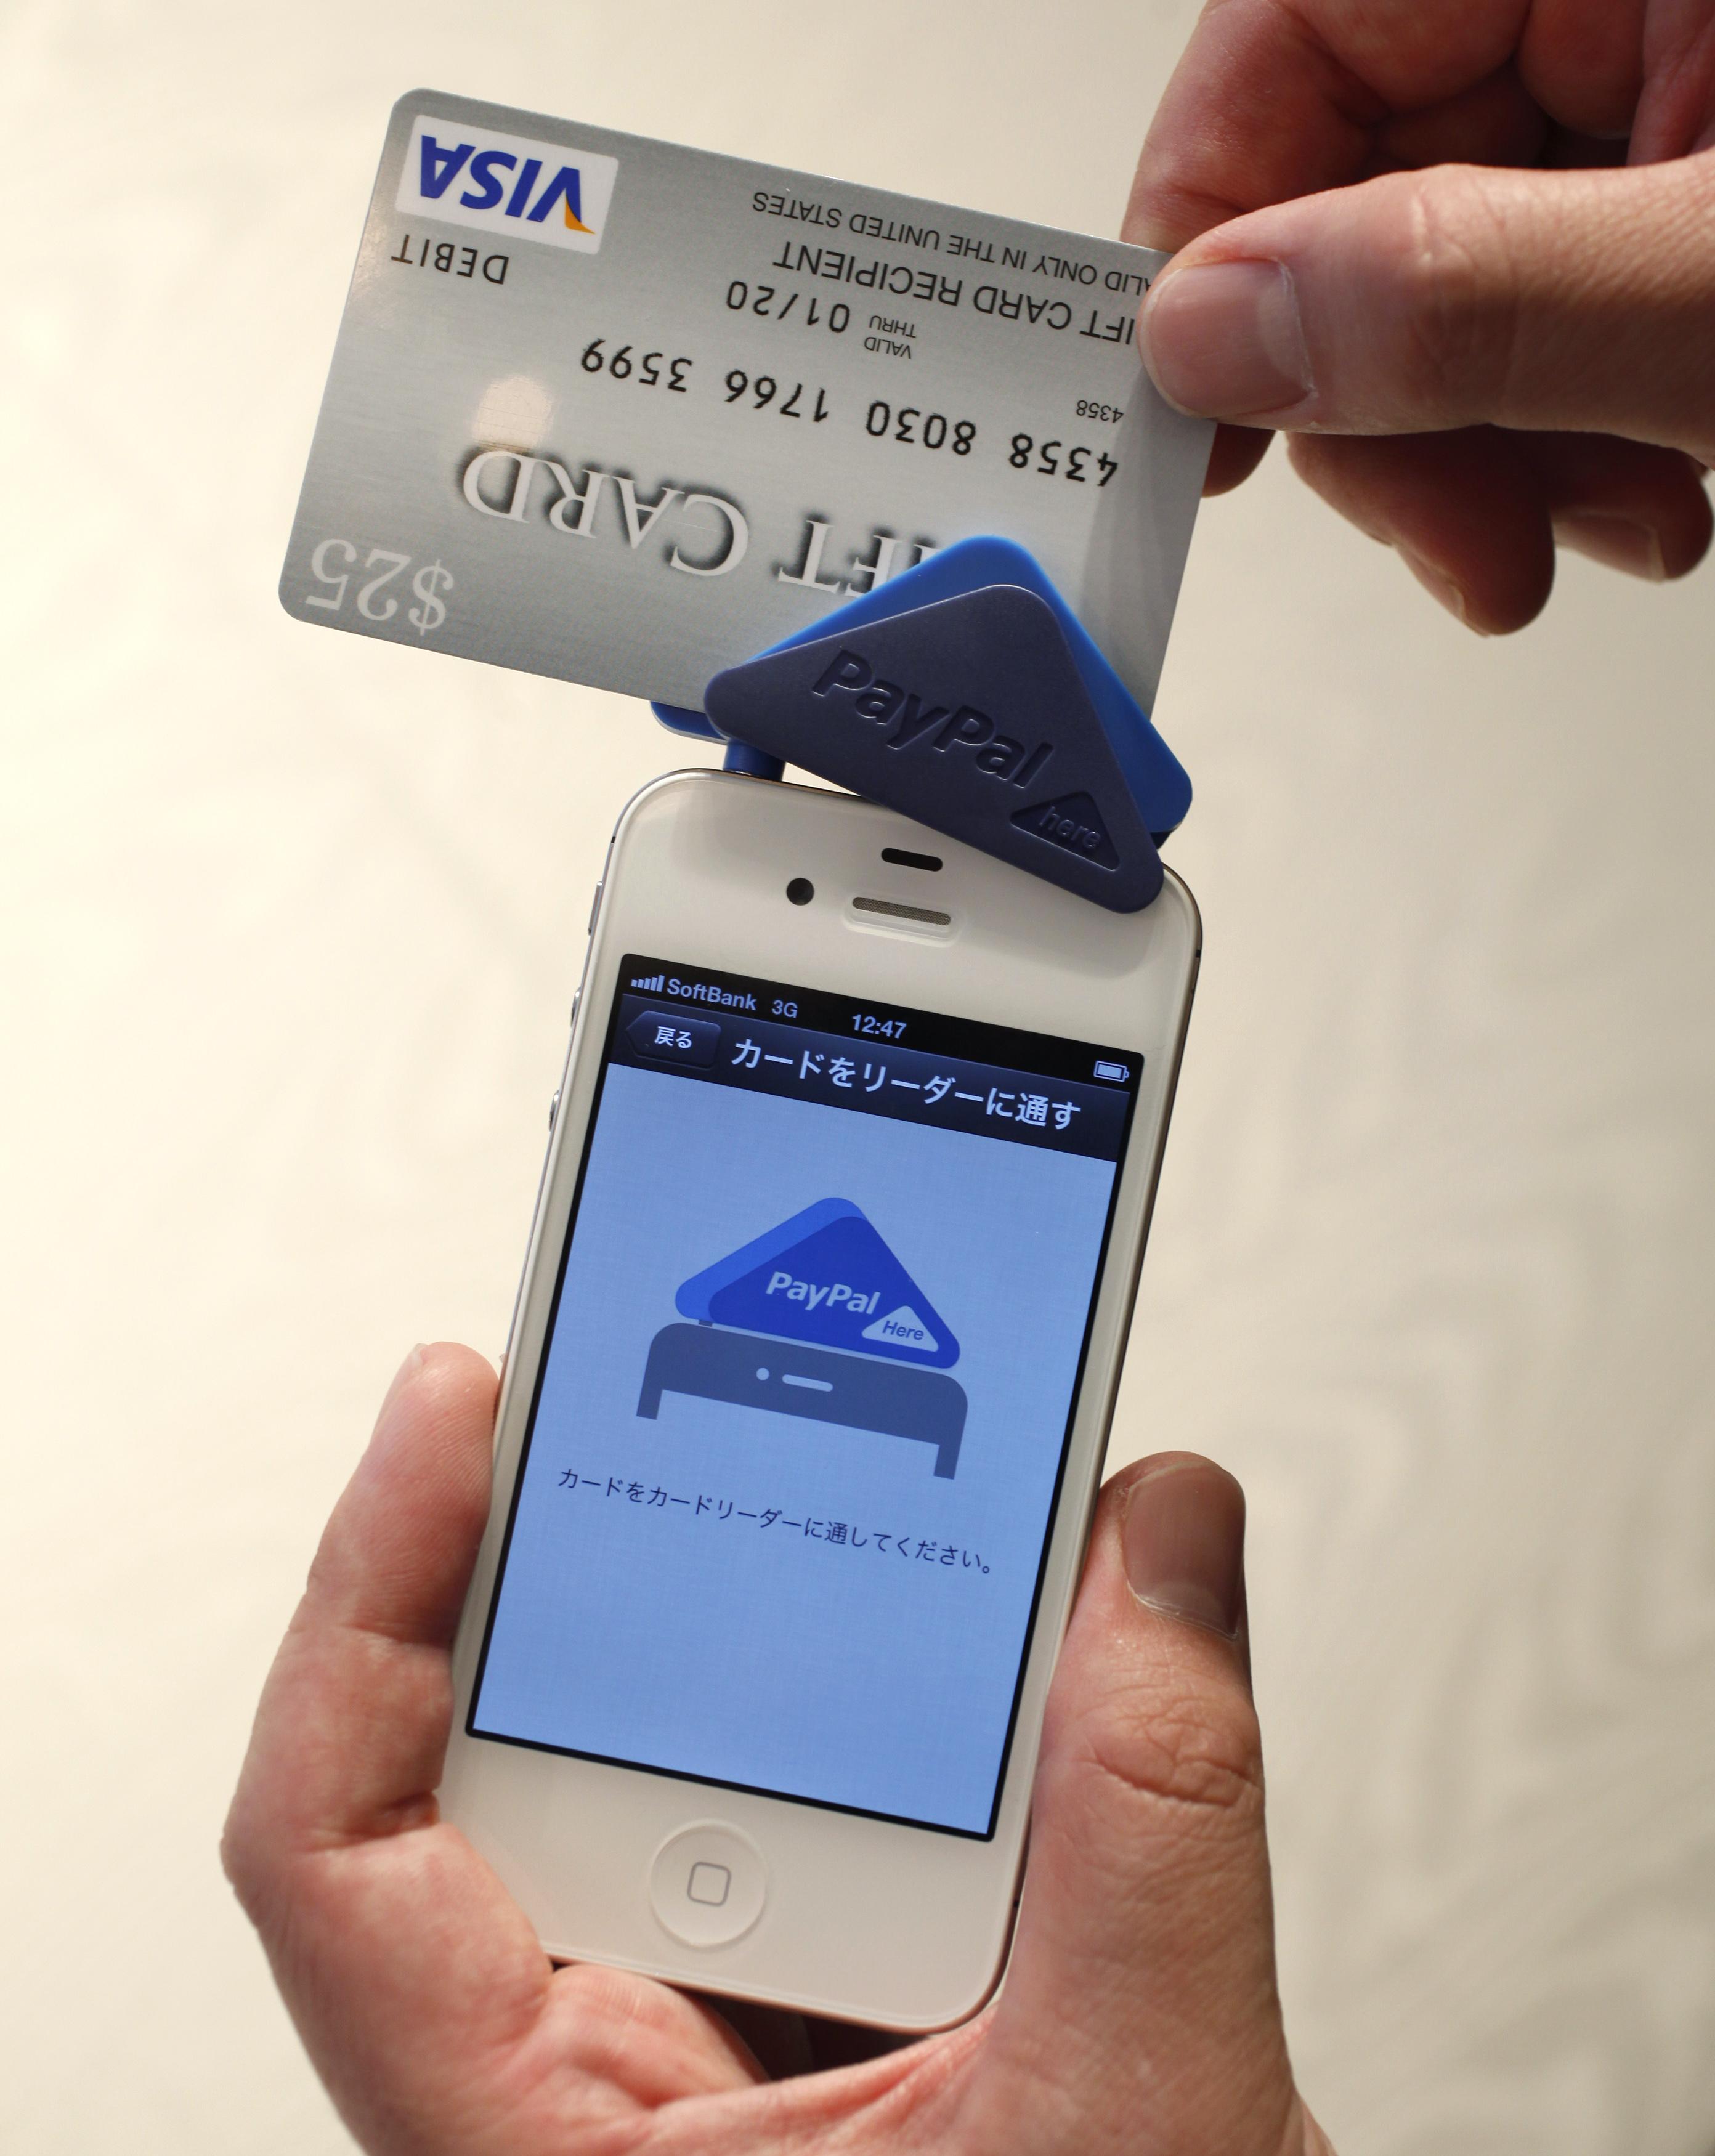 Cara Paling Aman Untuk Menggunakan Kartu Debit Anda